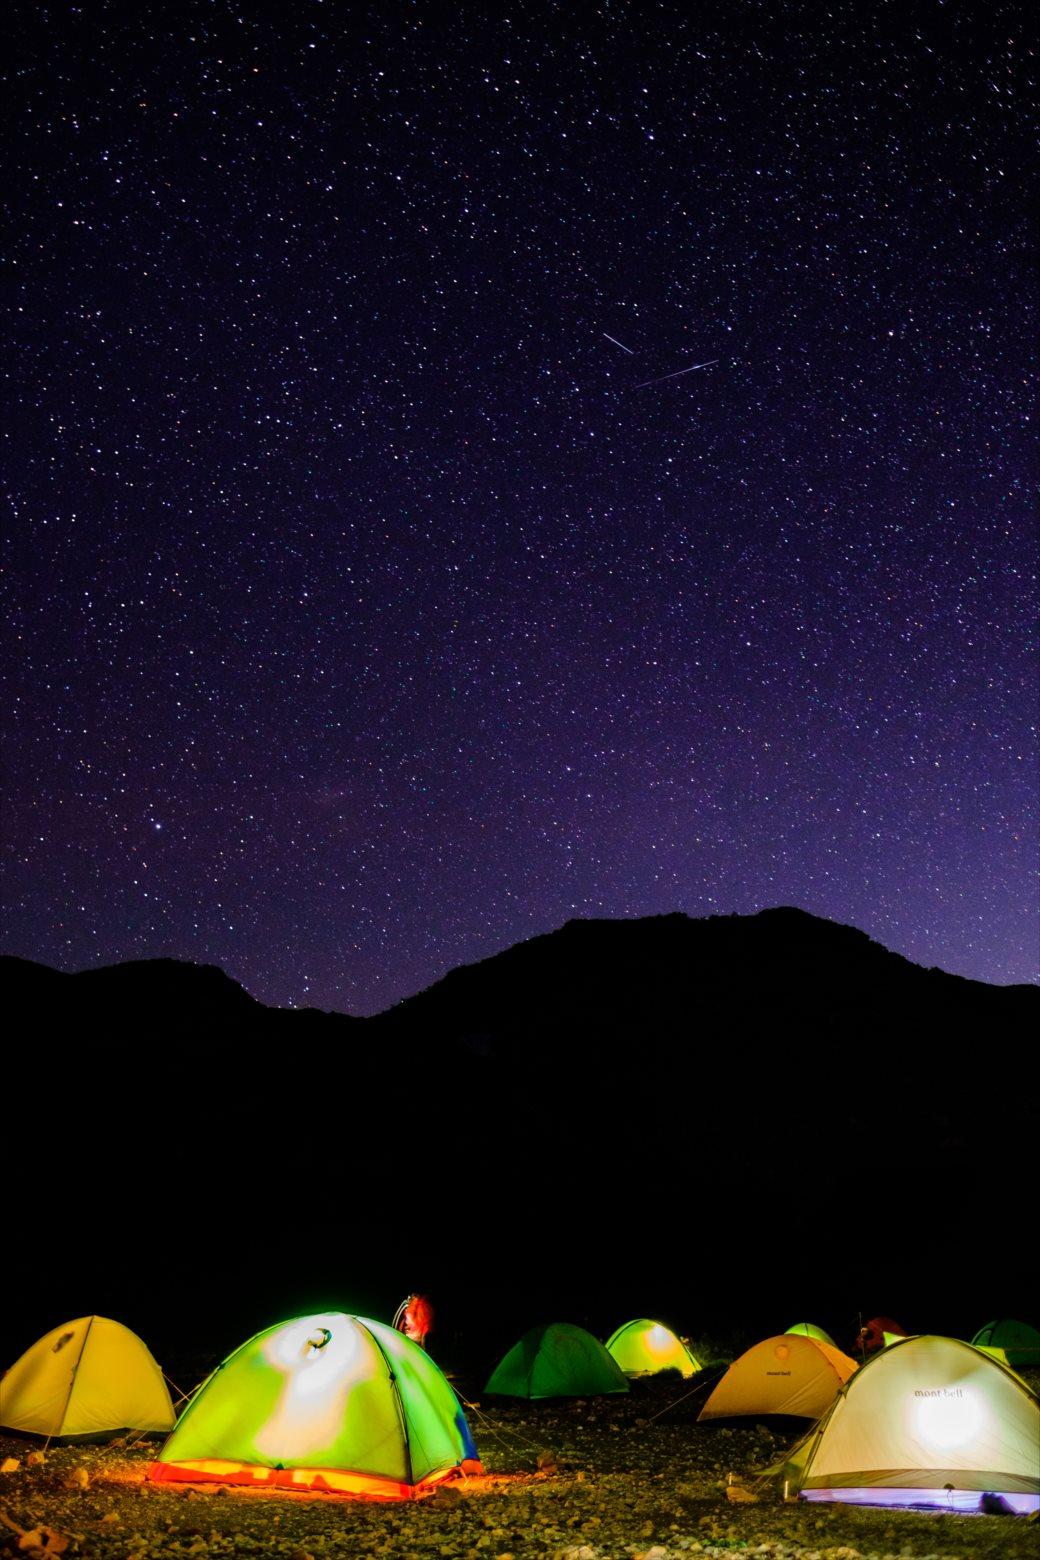 星空撮影時にガスがかっている場合のタイムラプス機能のススメ